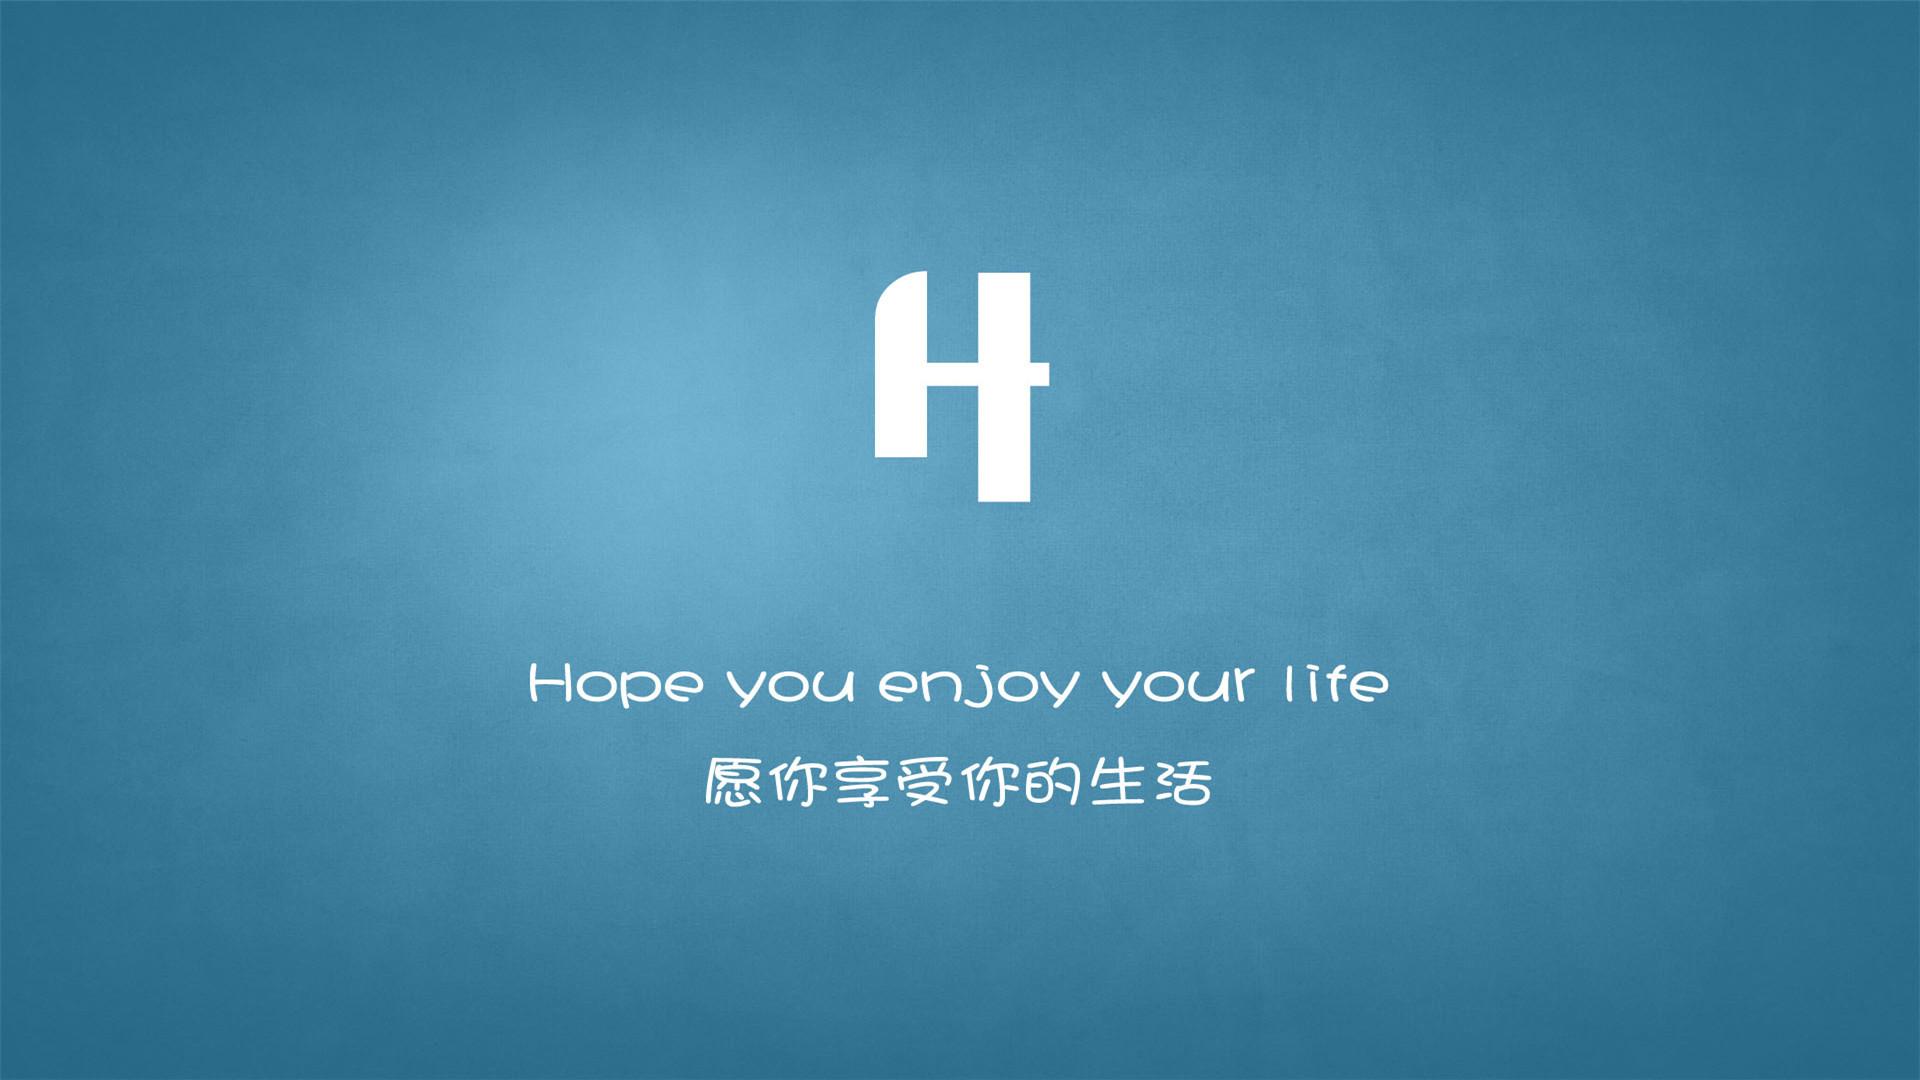 英文字母的爱情故事hppt背景图片下载